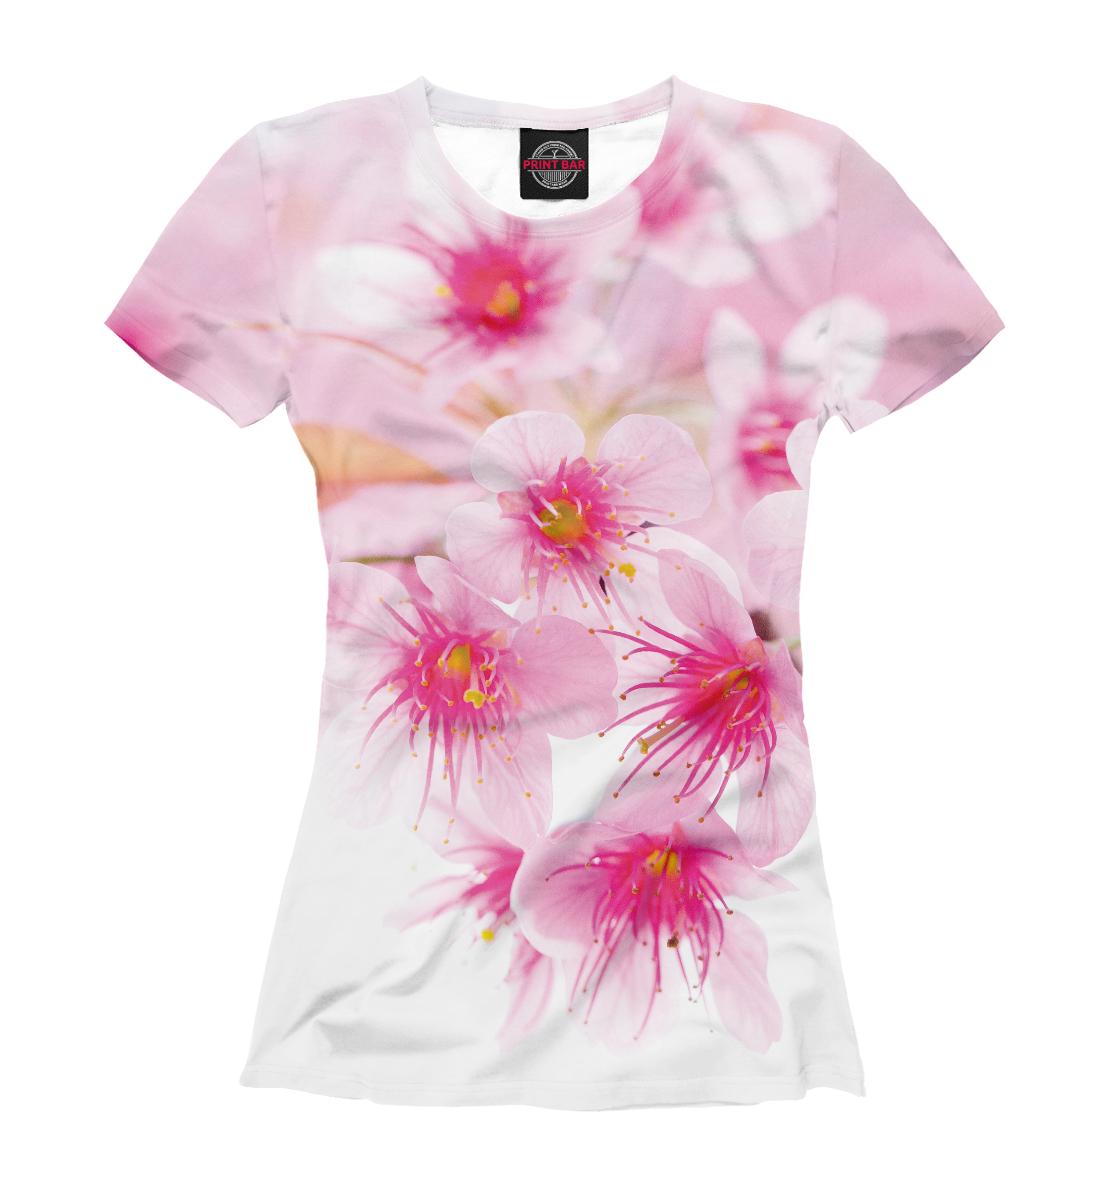 Купить Вишнёвый цвет, Printbar, Футболки, CVE-219744-fut-1